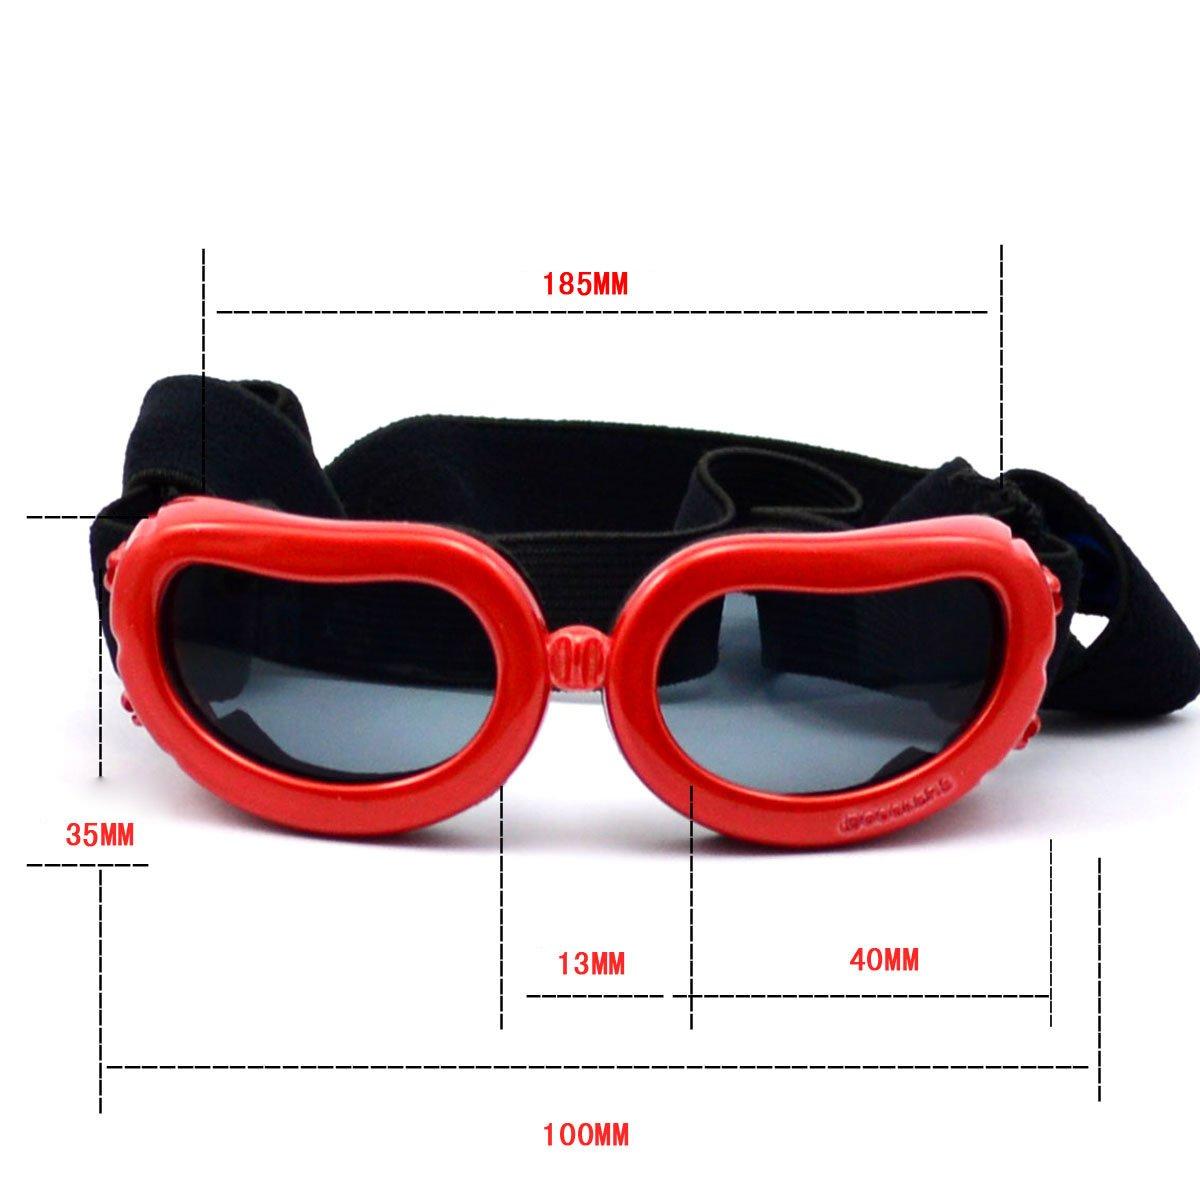 Homedecoam Hund Brille Sonnenbrille UV-Schutz Anti-Fog Brille f/ür Ultra-kleine Hunde